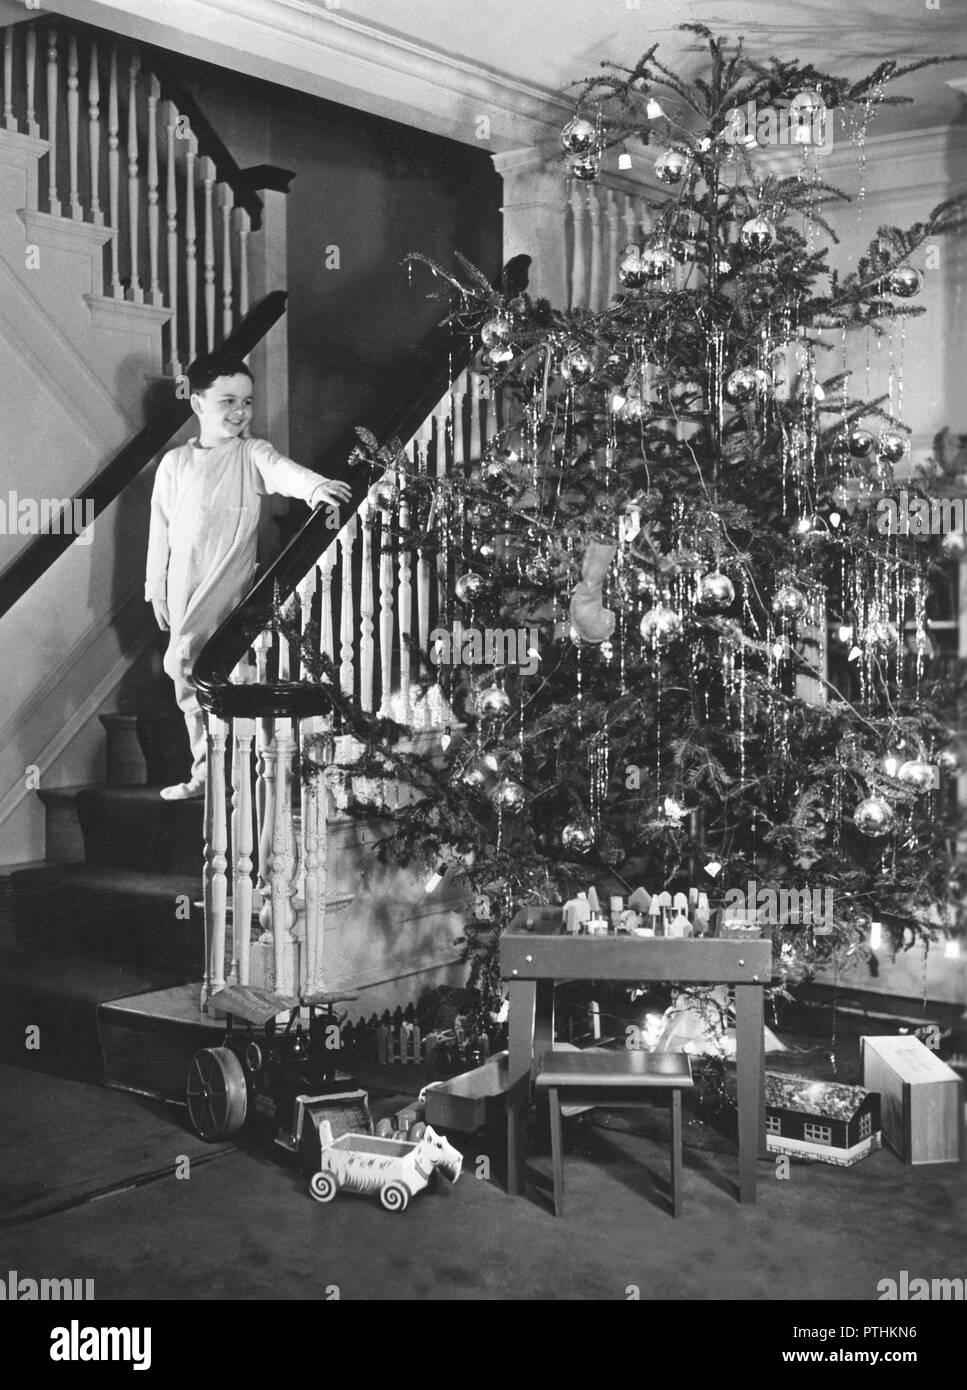 Weihnachten in den 1940er Jahren. Ein Junge kommt hinunter die Treppe am Weihnachtstag, in den Raum, wo der Weihnachtsbaum steht. Es gibt Weihnachten Geschenke unter dem Baum. Schweden 1940 Stockbild